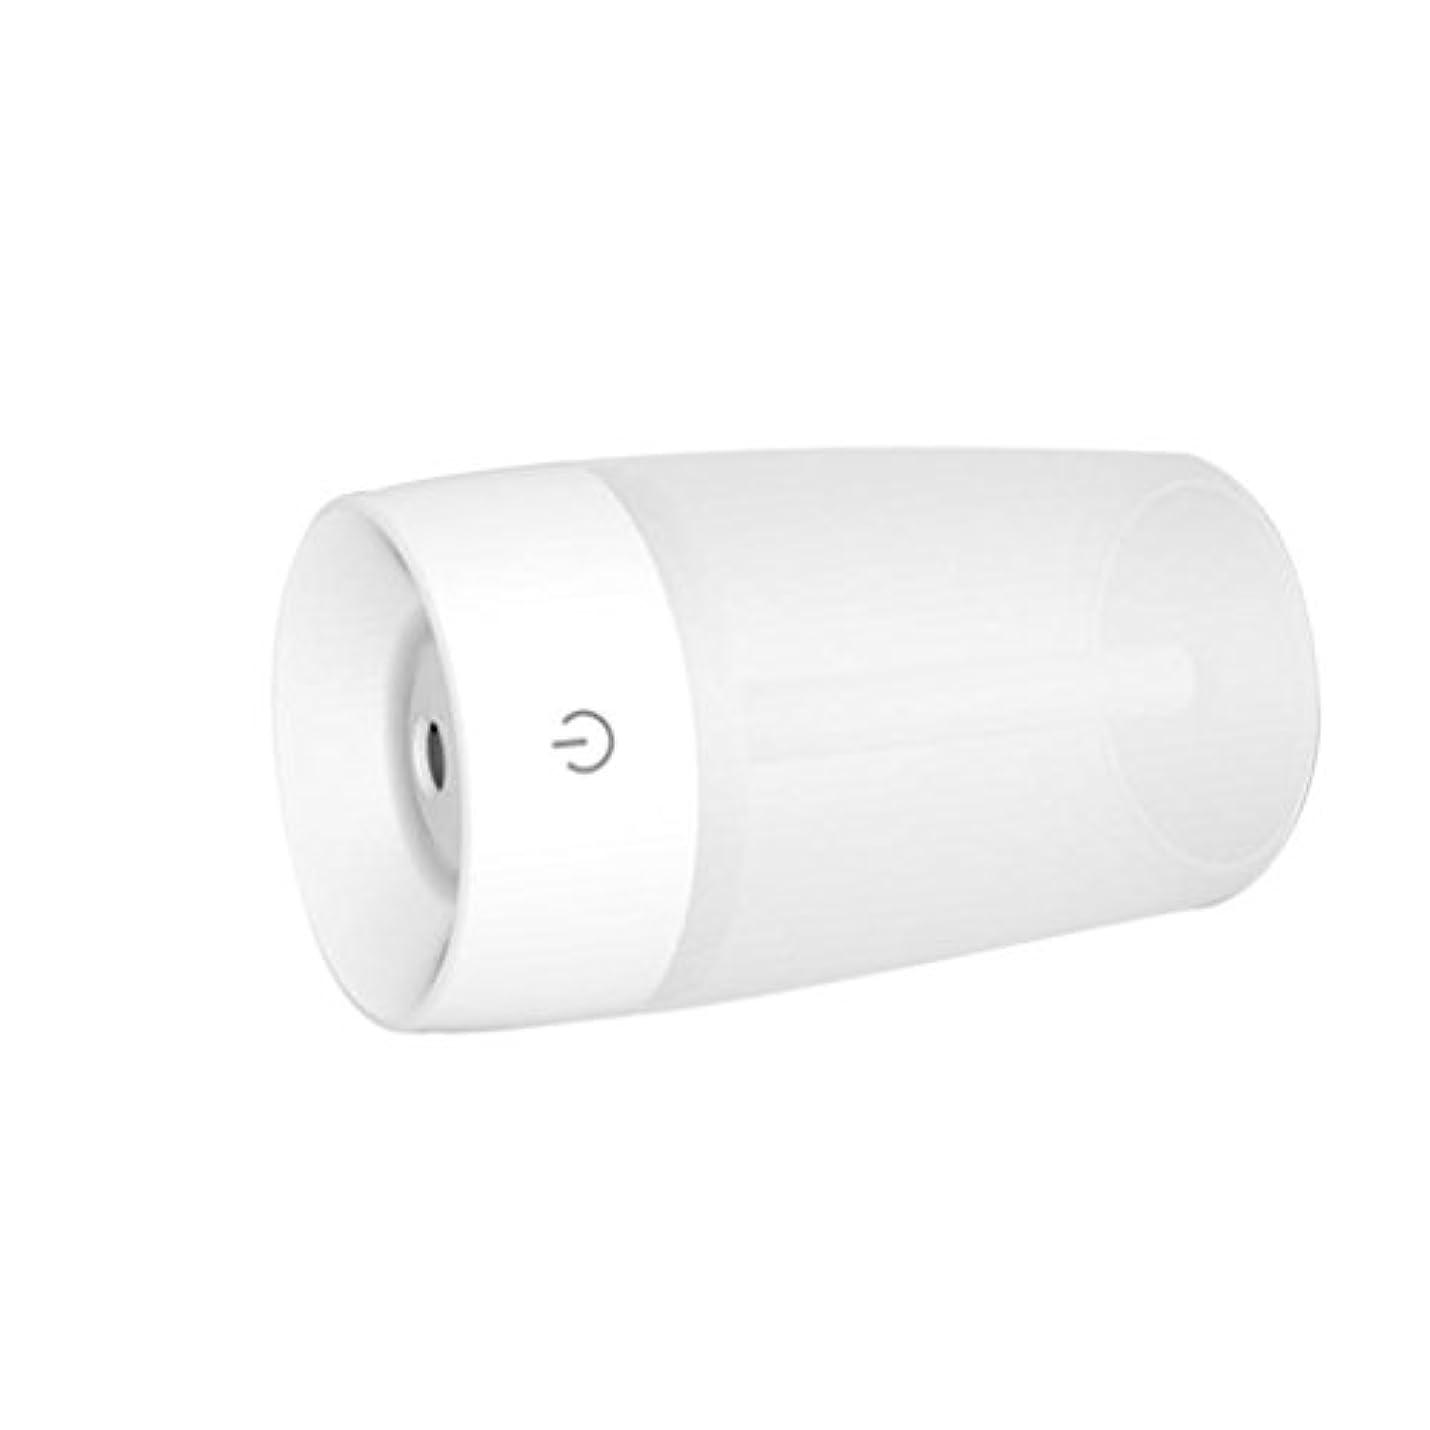 意味のある放置貸し手加湿器 USB カップ形状 ポータブル アロマディフューザー 空気 アトマイザー 全3色 - 白い